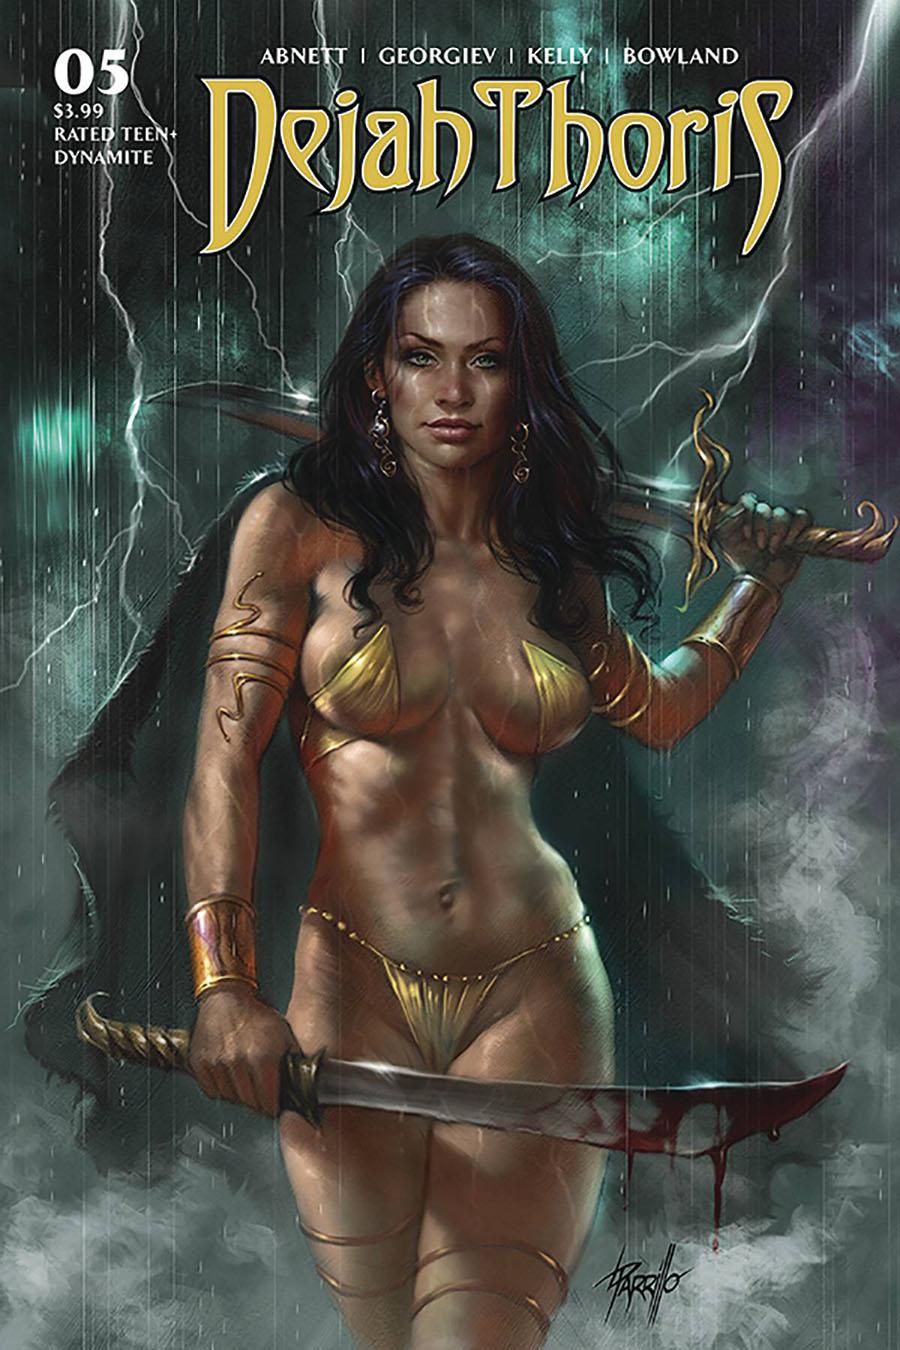 Dejah Thoris Vol 3 #5 Cover A Regular Lucio Parrillo Cover